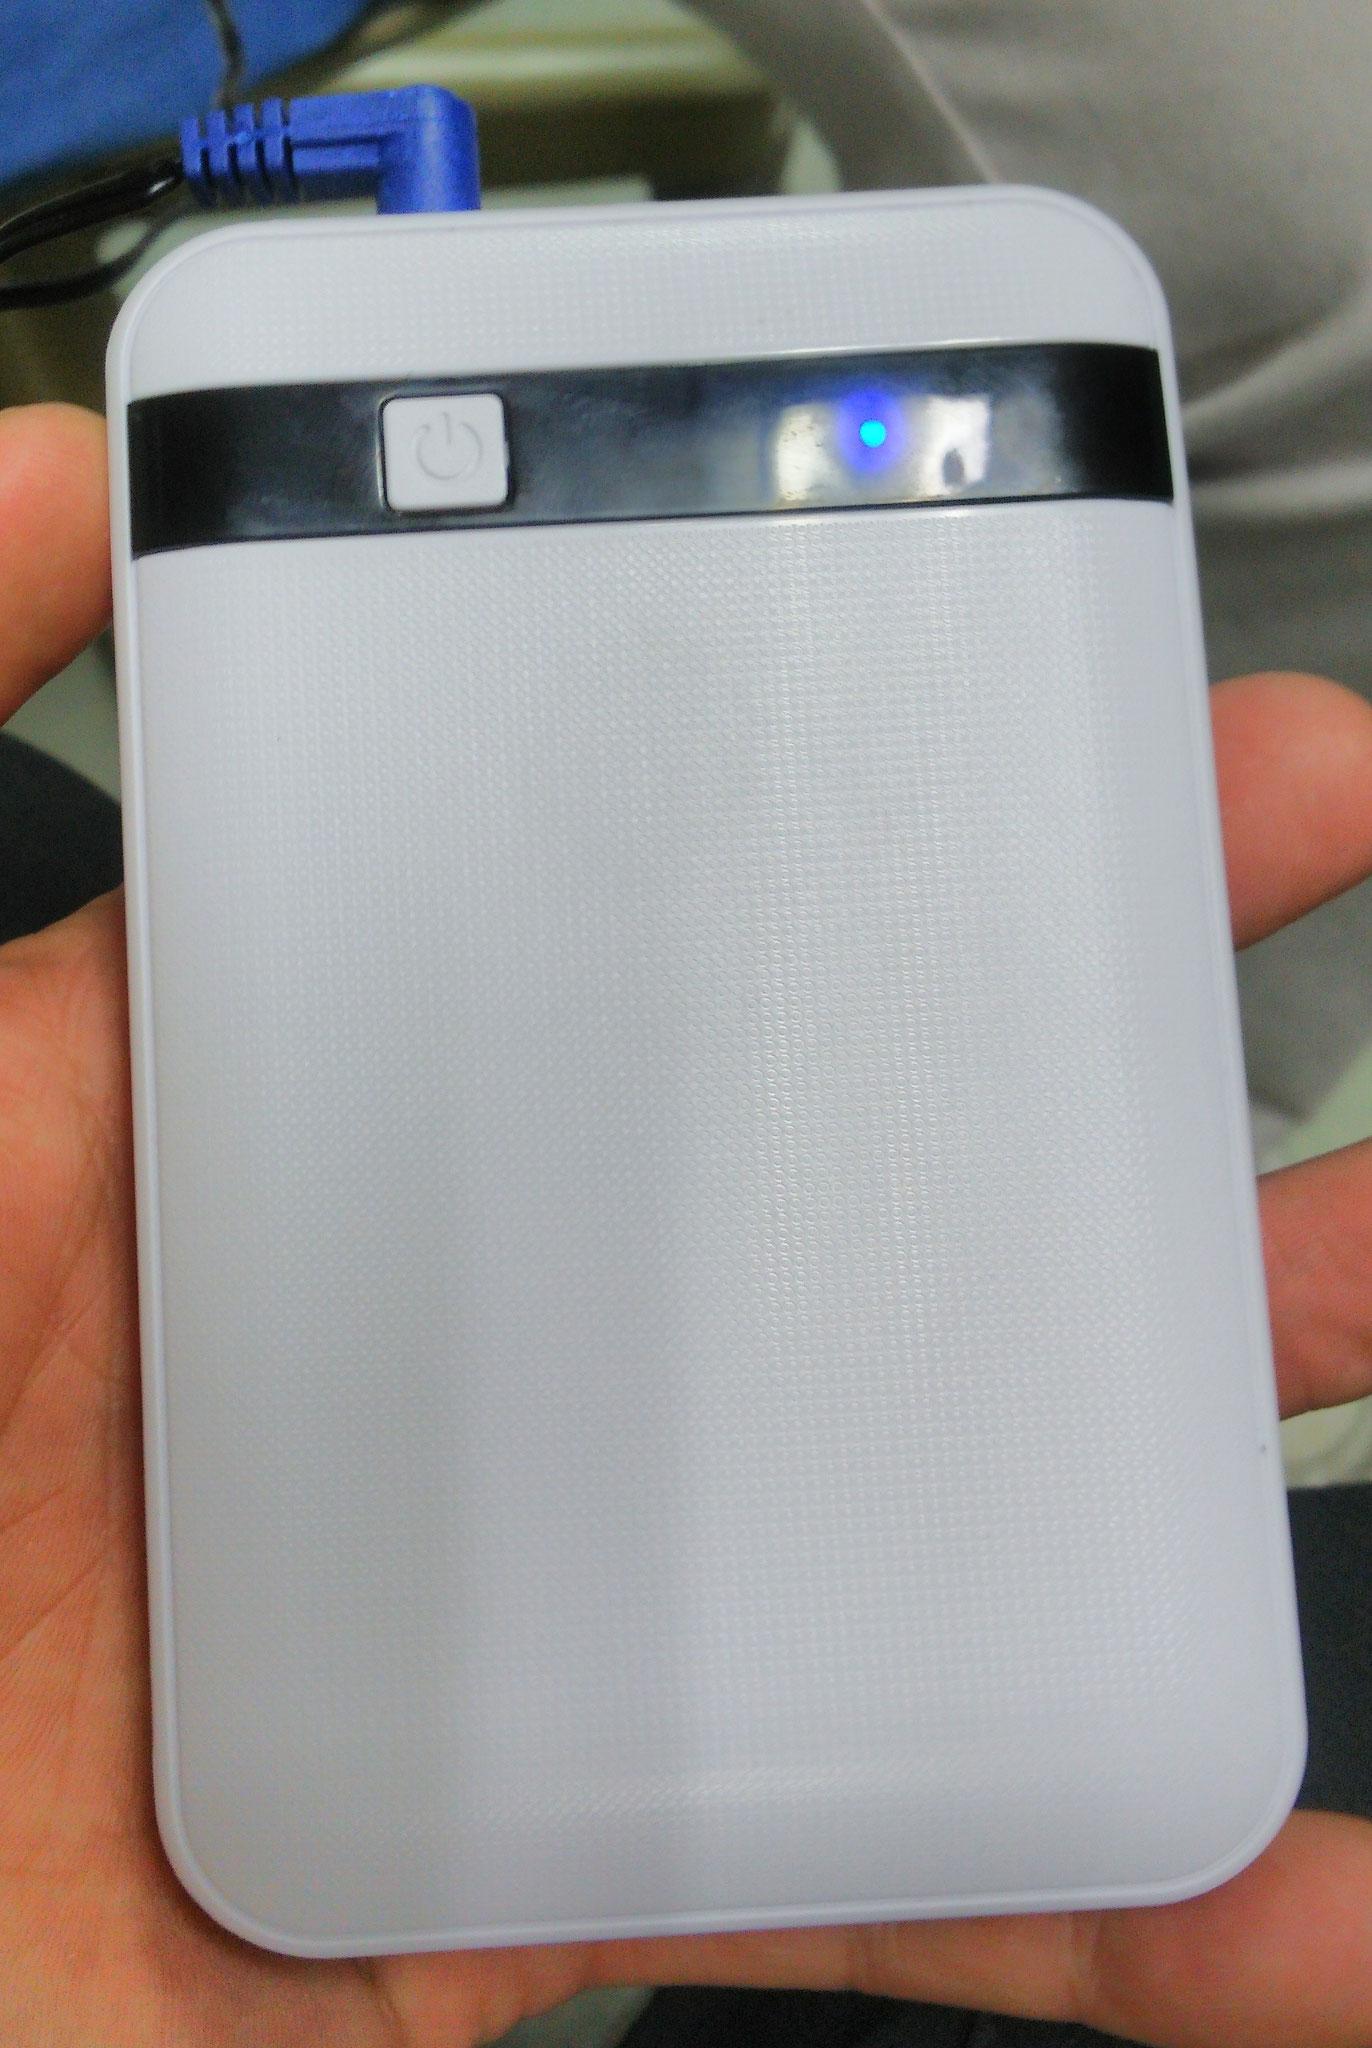 SK-6 バッテリーセット ¥6,930(税込)バッテリーは、パナソニック製ですので、安心の品質です。